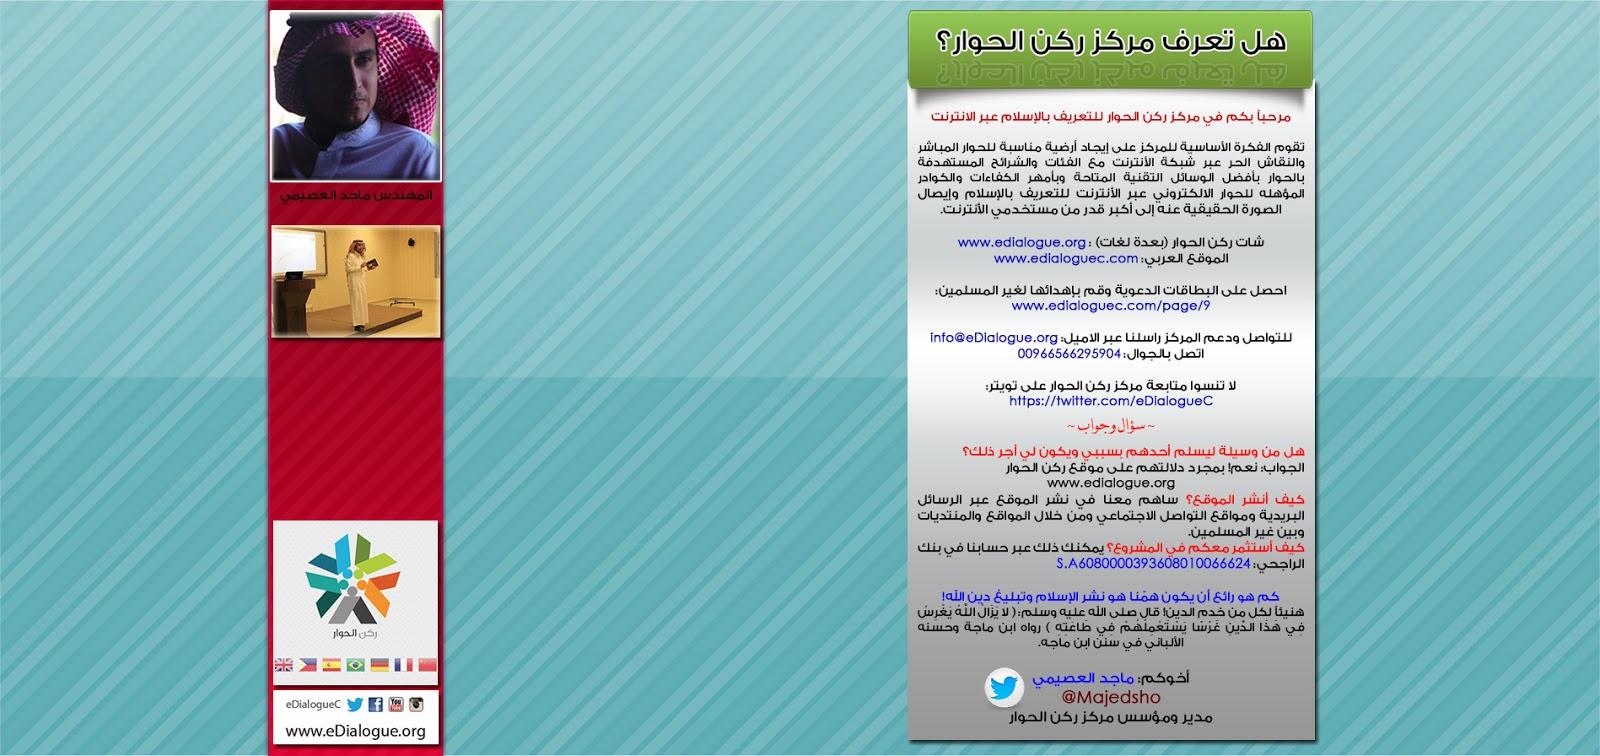 http://4.bp.blogspot.com/-IPte6mdCAWs/UnC5LZ6j1dI/AAAAAAAAFaQ/xXbPvEoWTrA/s1600/Free_Twitter_Background.jpg